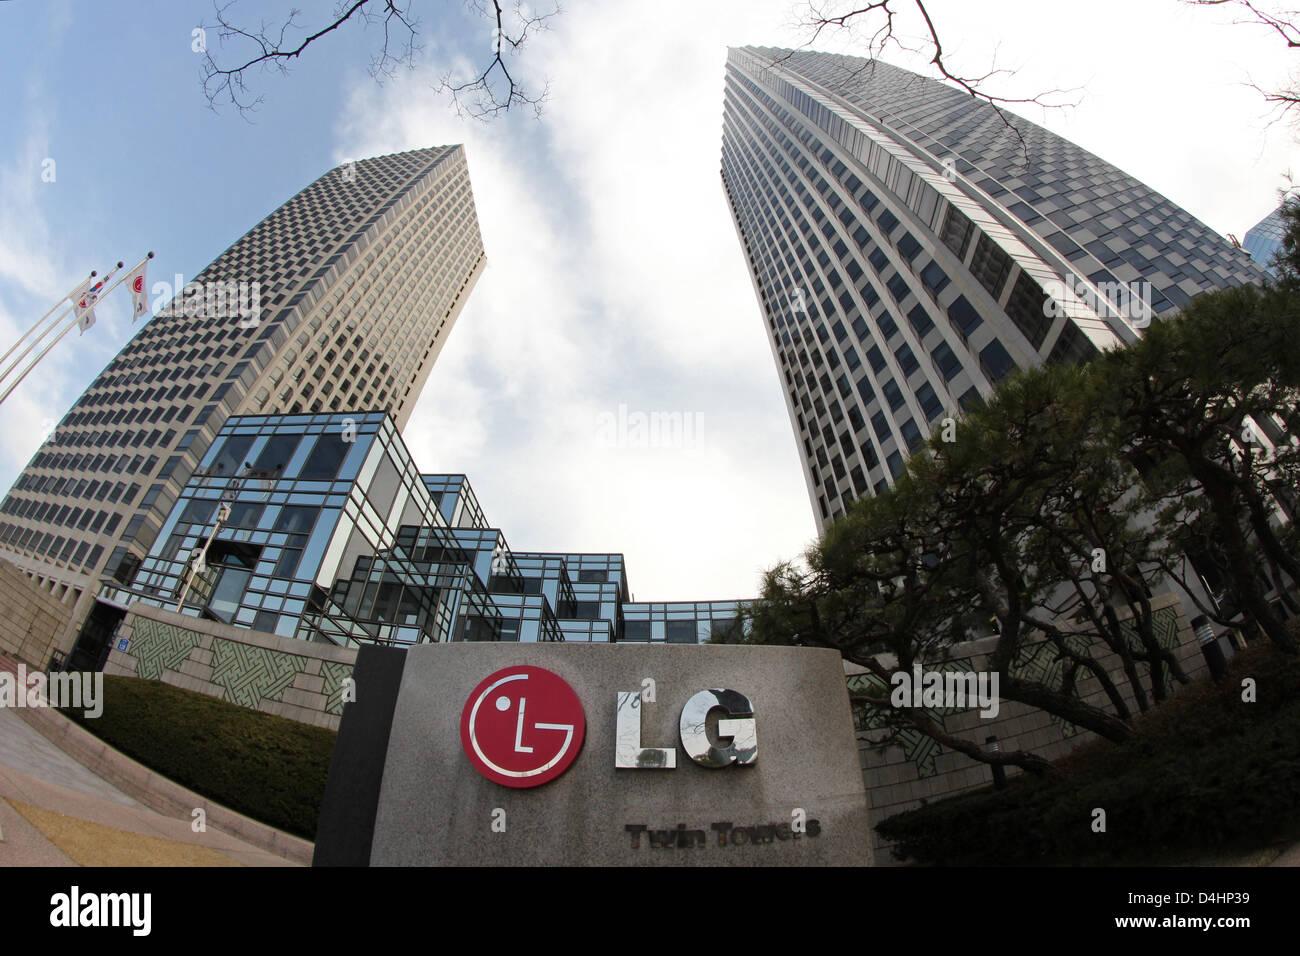 Corea del Sur: la sede de LG (LG) de las Torres Gemelas en Seúl Foto de stock